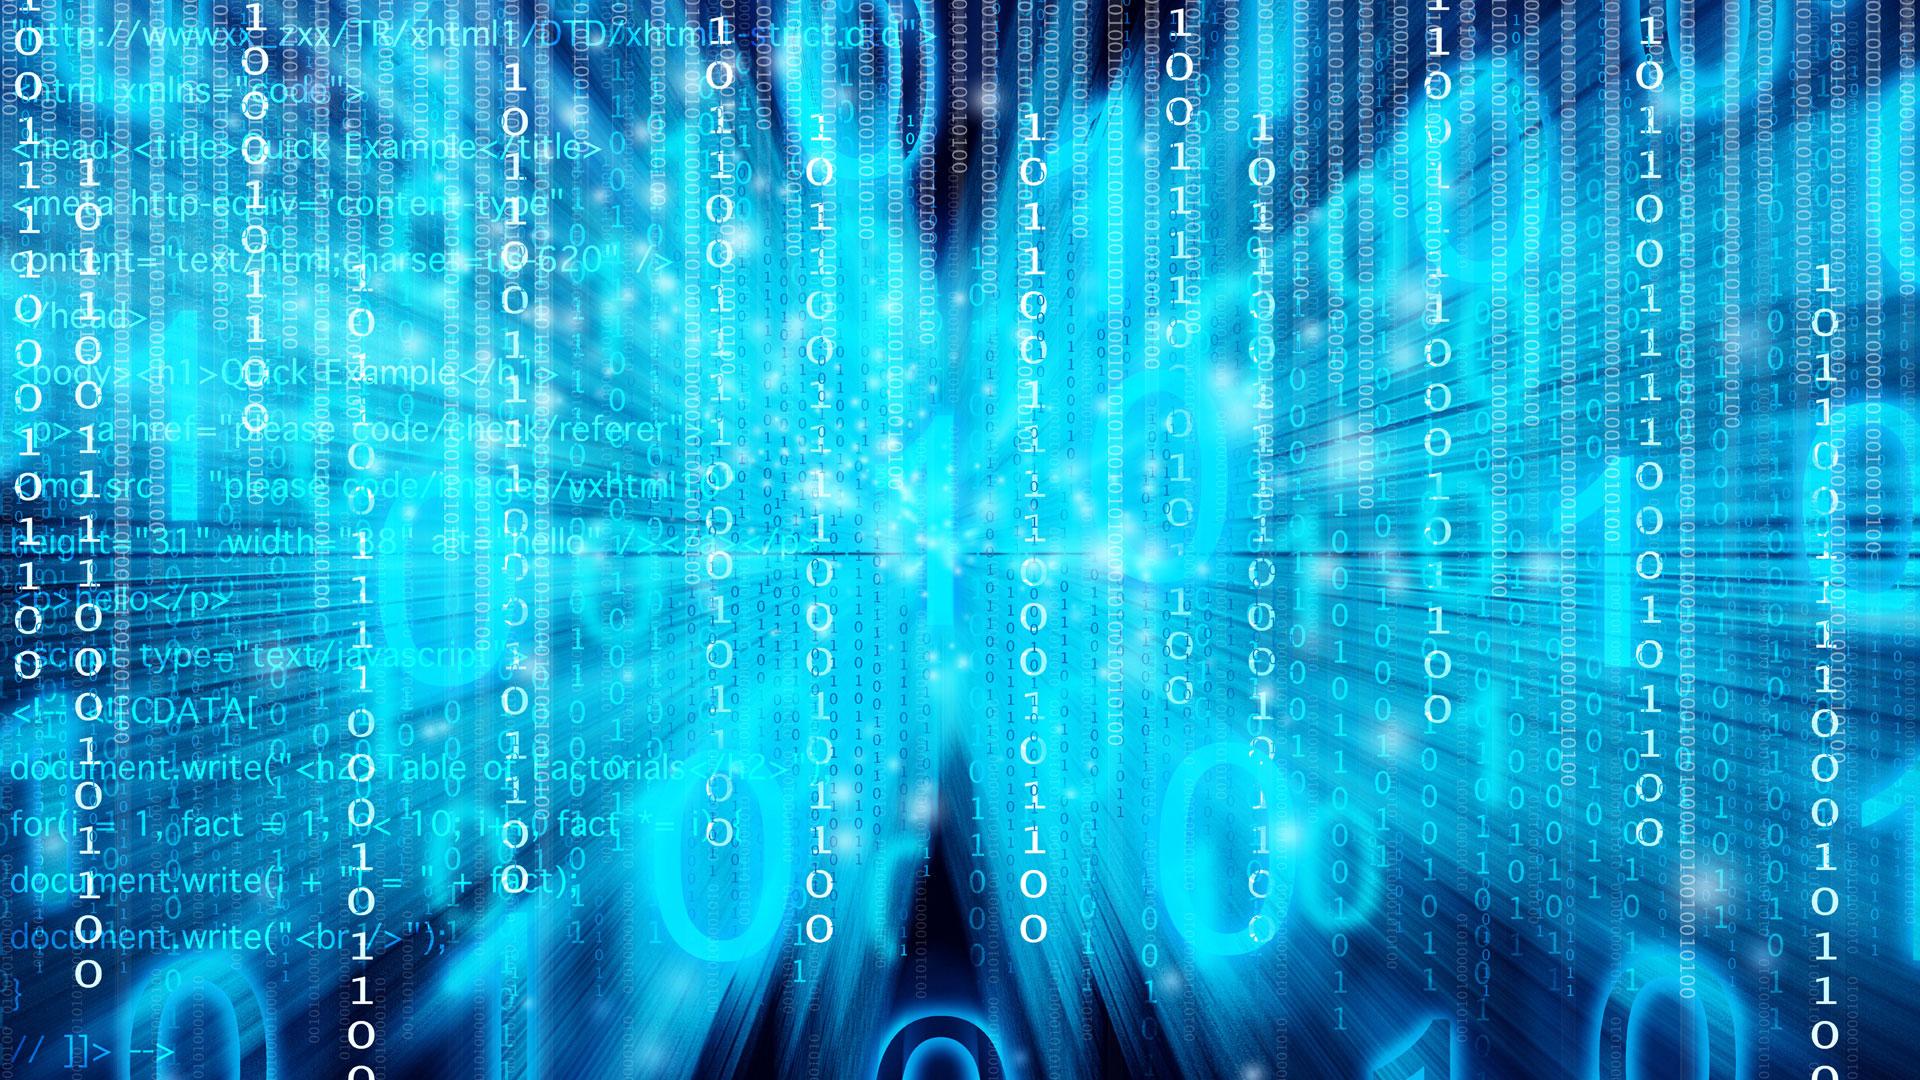 11 октября некоторые интернет-ресурсы станут недоступны